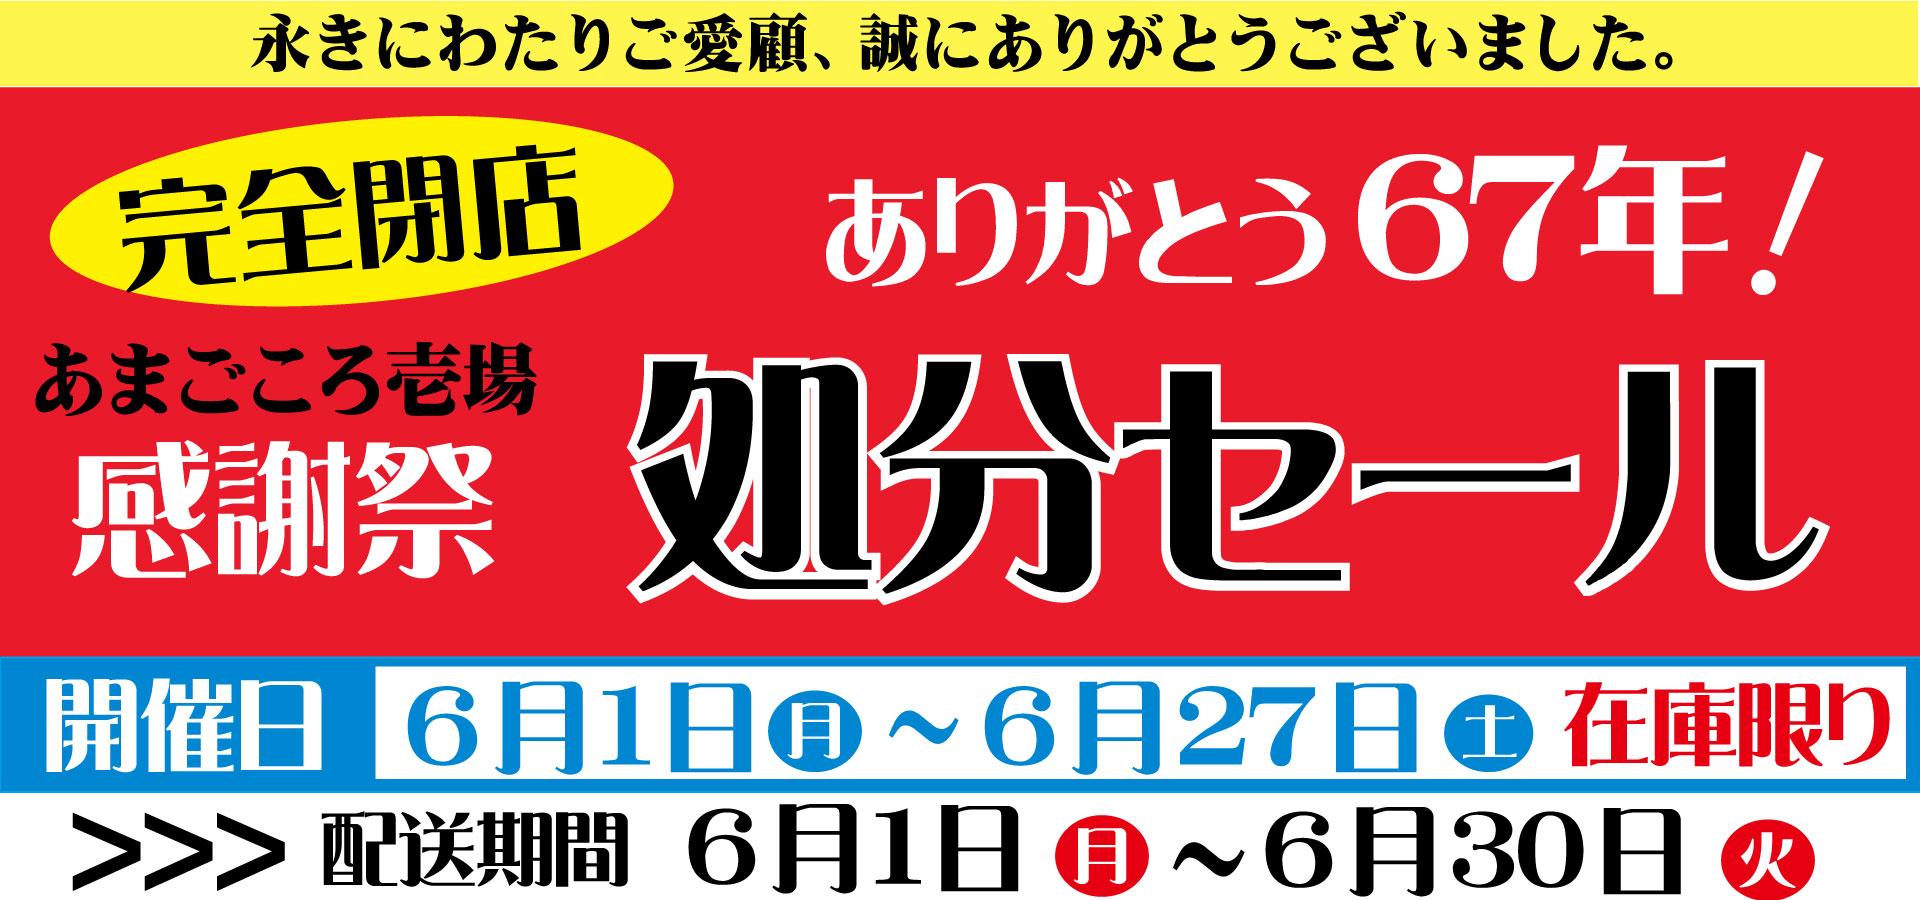 2020年壱岐おせち4段重【早割価格】早割は11月10日受付分まで!!